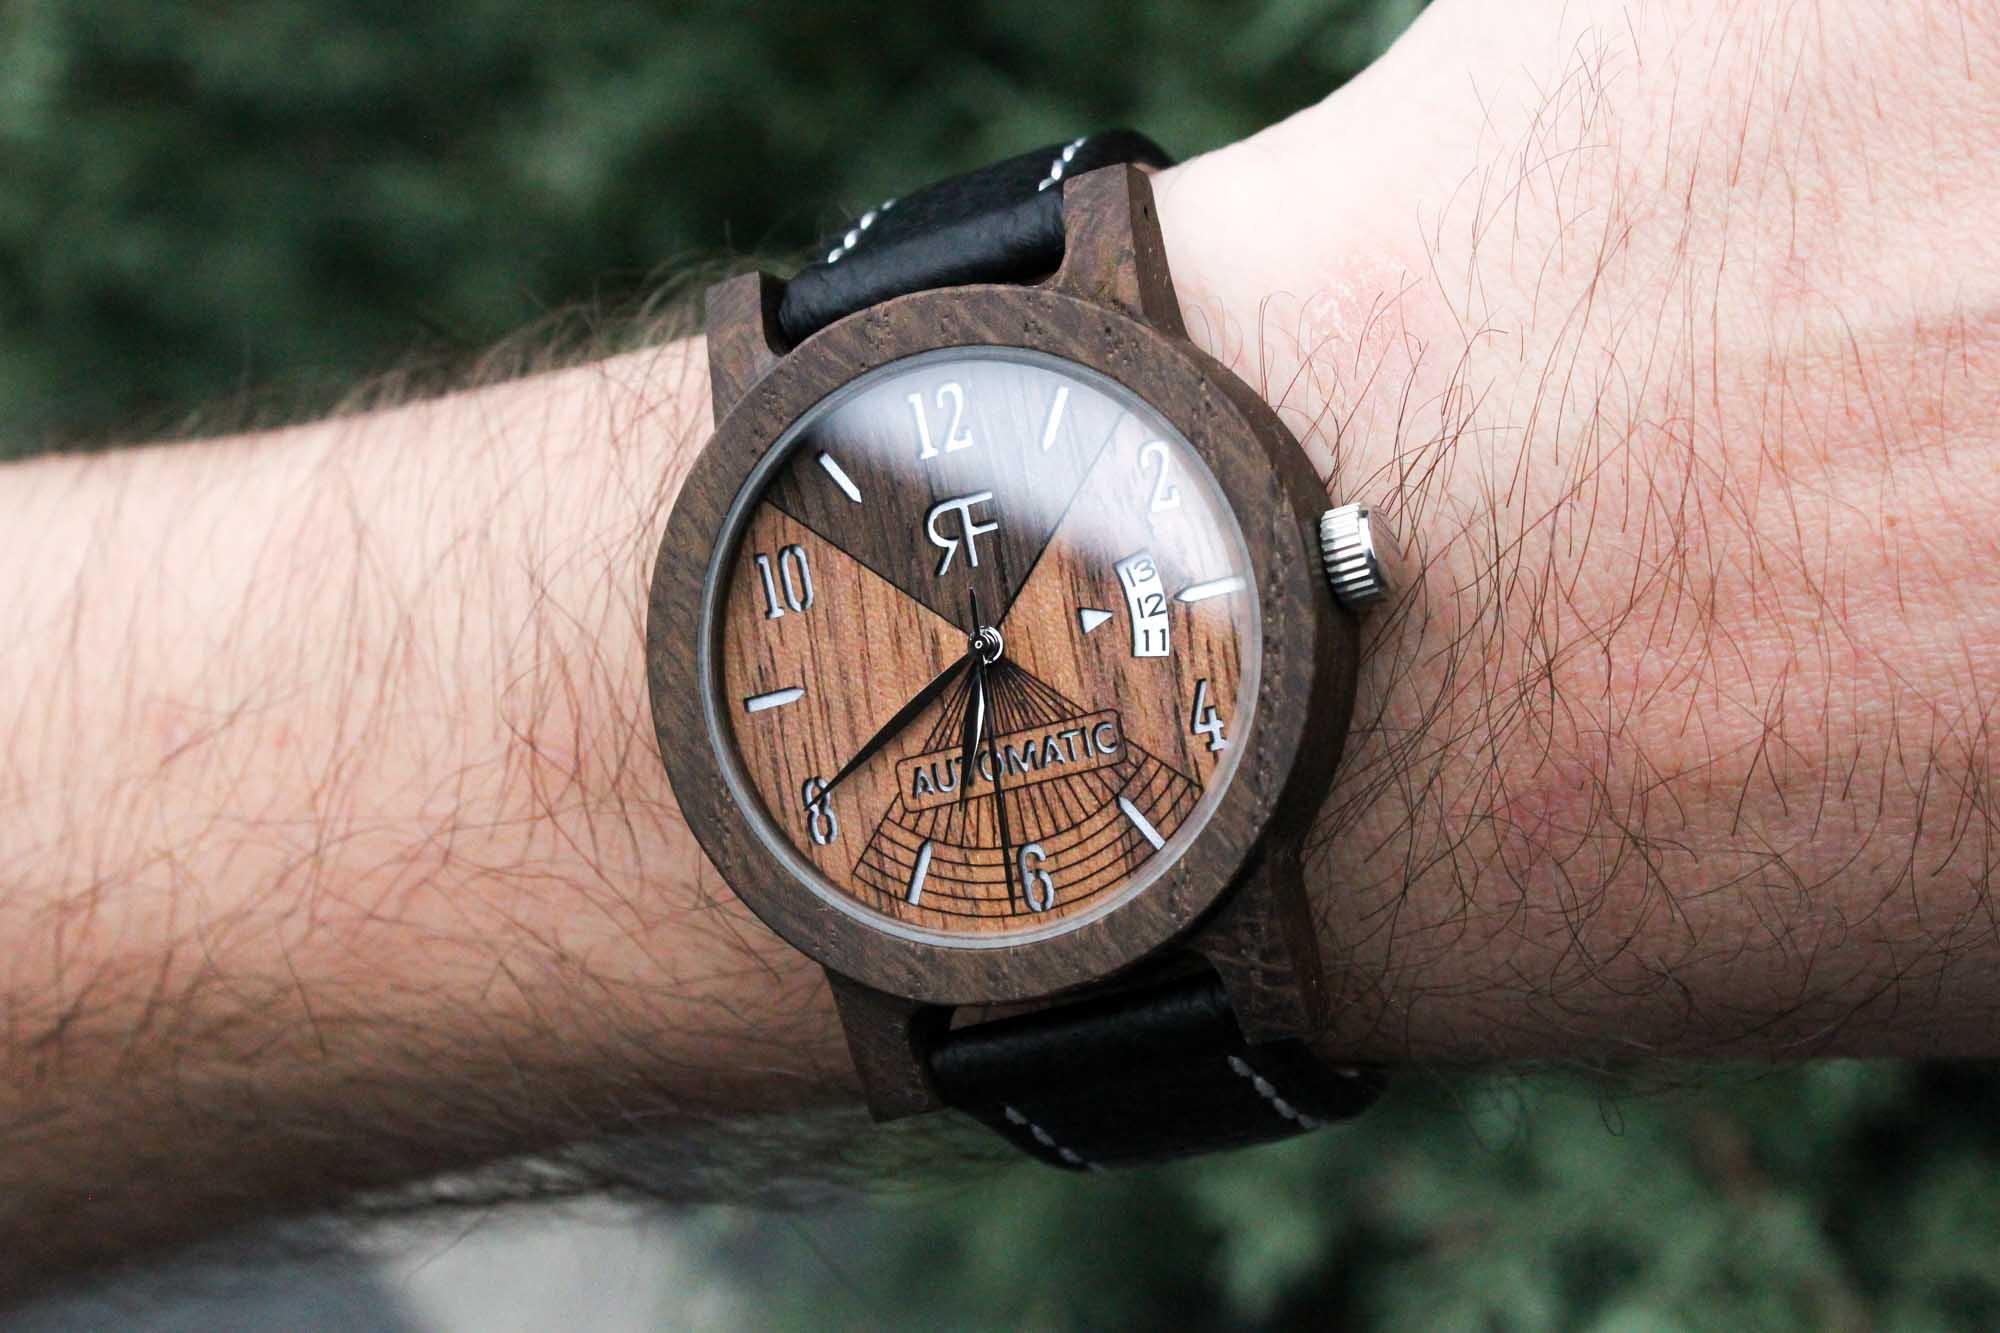 Zegarek drewniany Realforest Automatic Czarny Dąb - Orzech